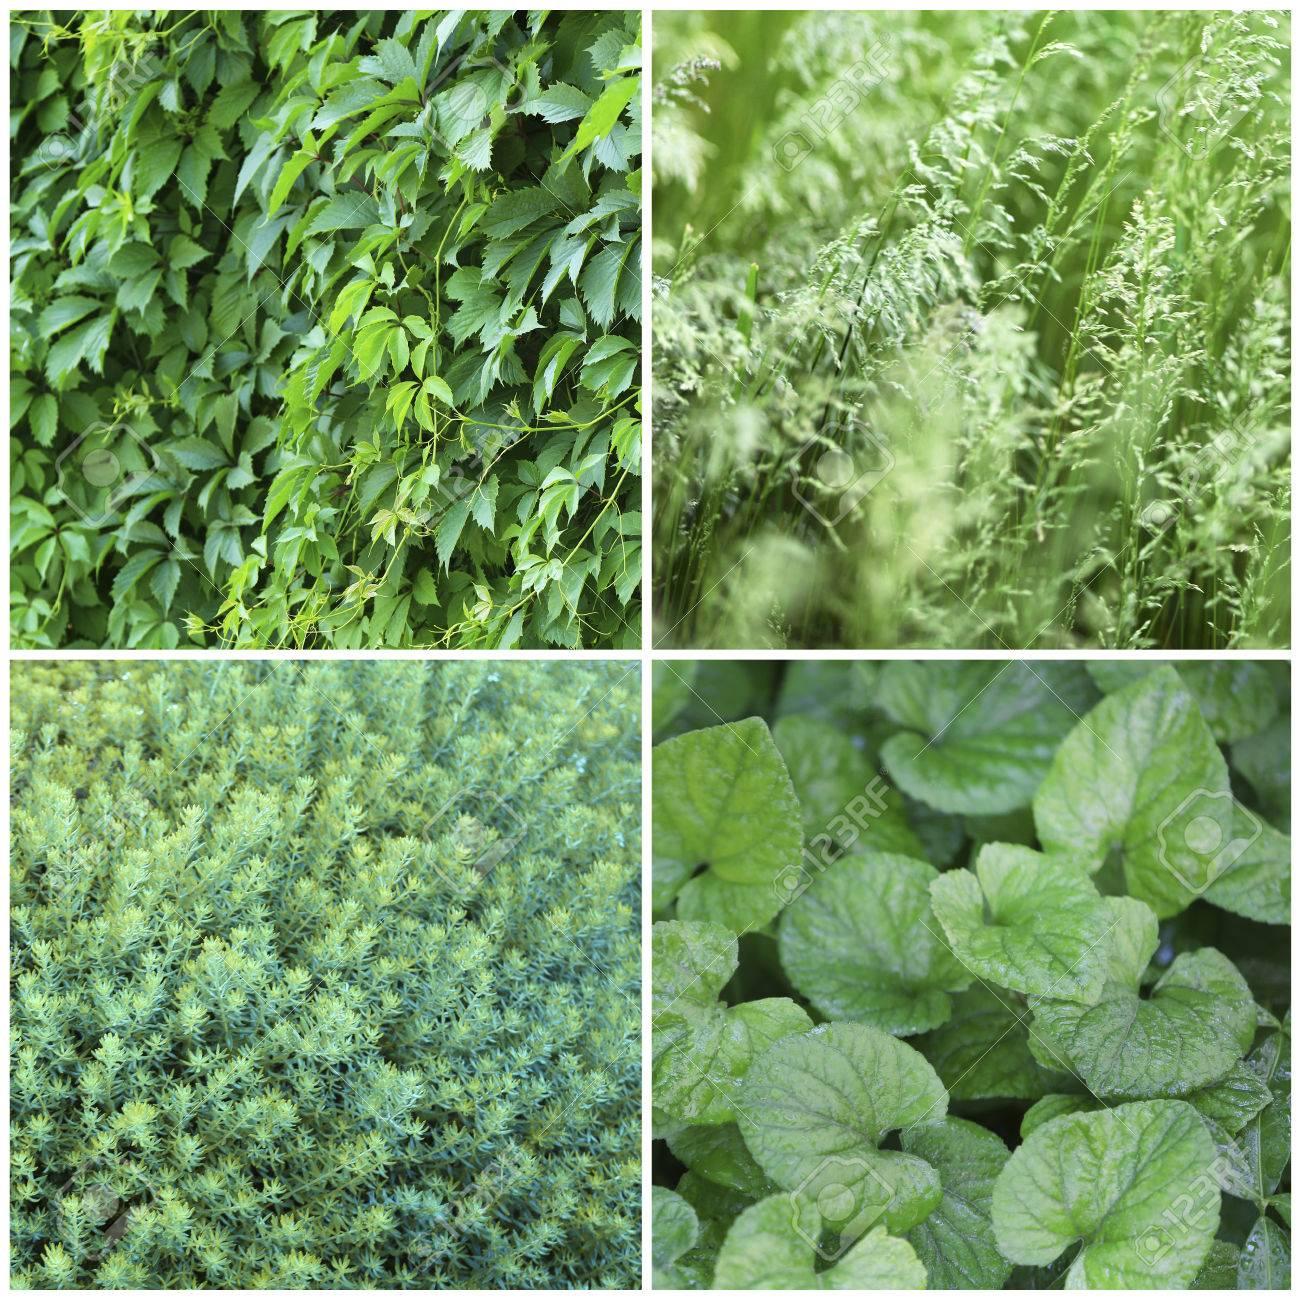 Ansprechend Grüne Pflanzen Galerie Von Grüne Proben Collage Standard-bild - 35556807